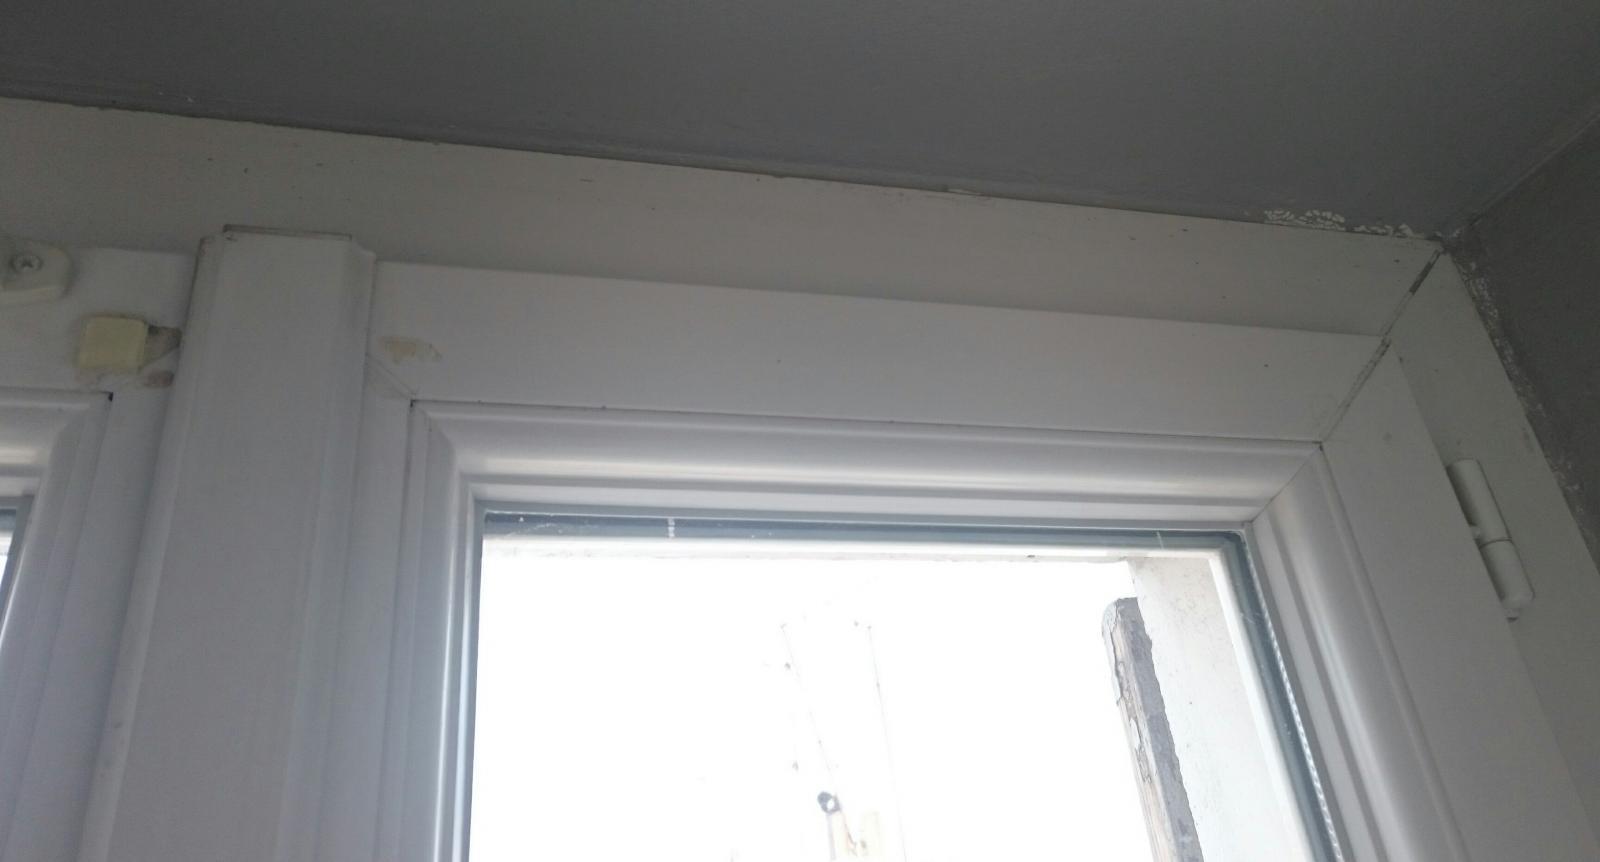 Fenêtre pvc ne se ferme pas en haut